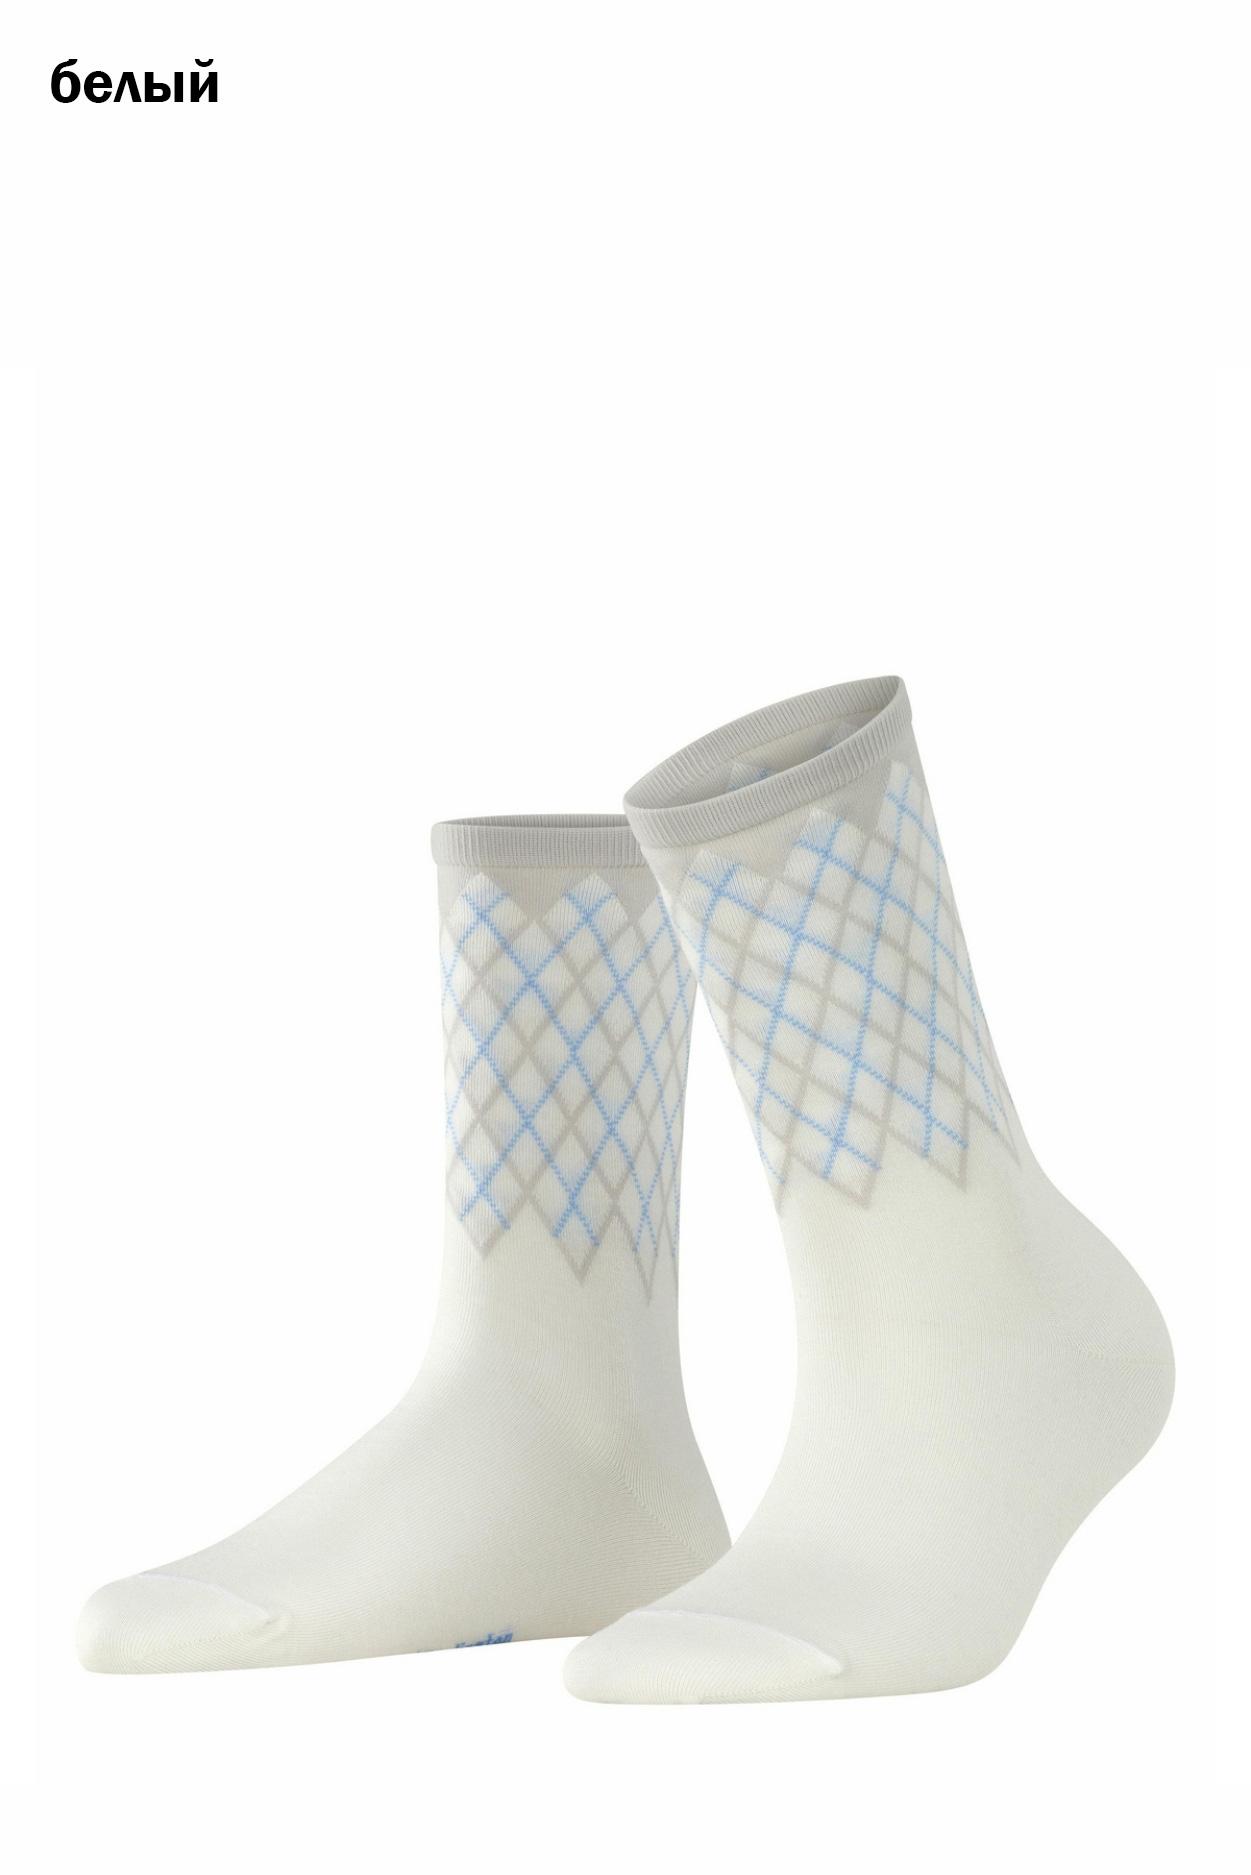 Женские хлопковые носки 22106 Bonnie Burlington